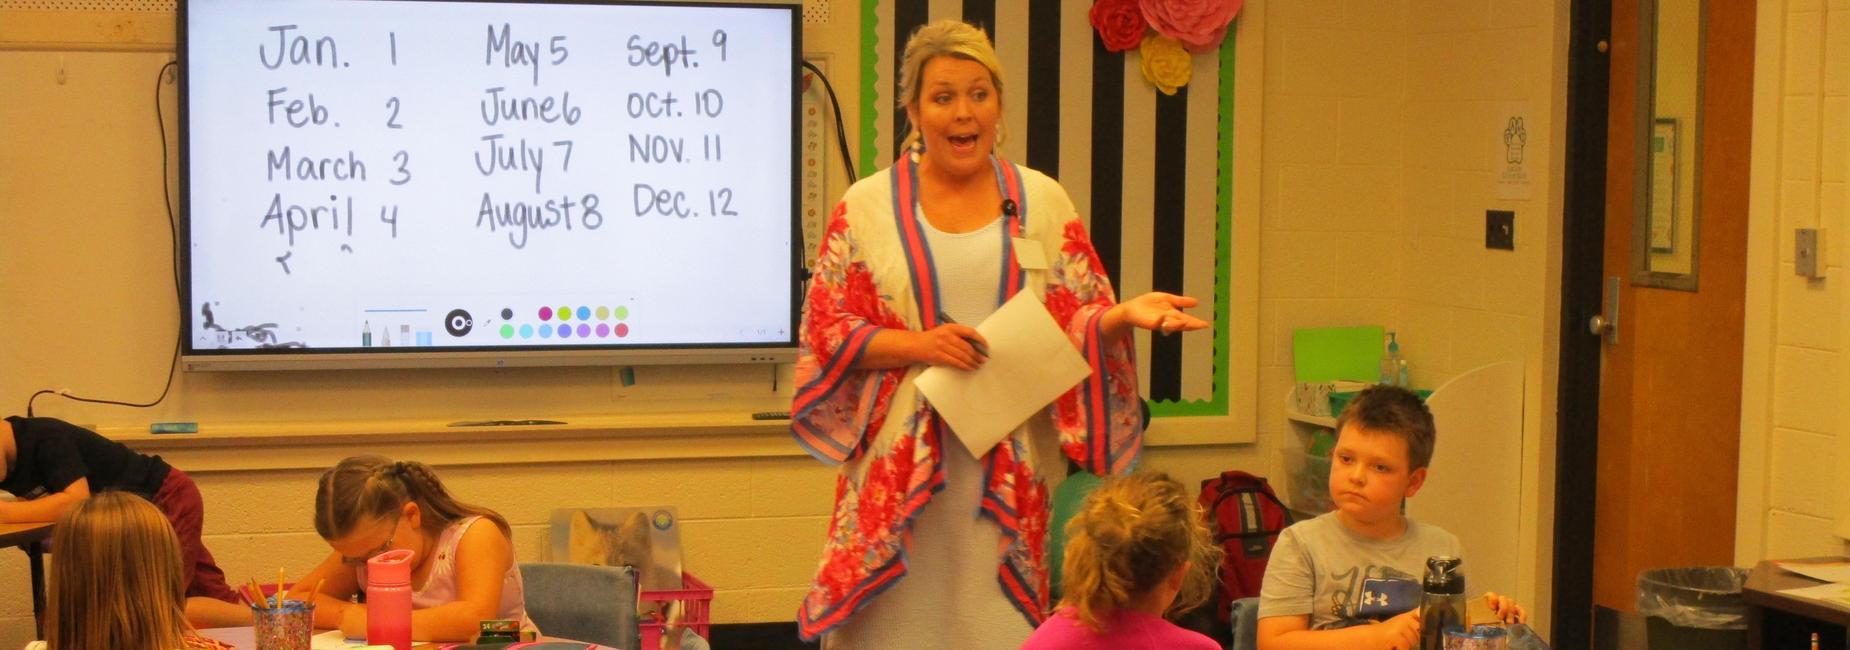 Mrs. Baugh's second grade